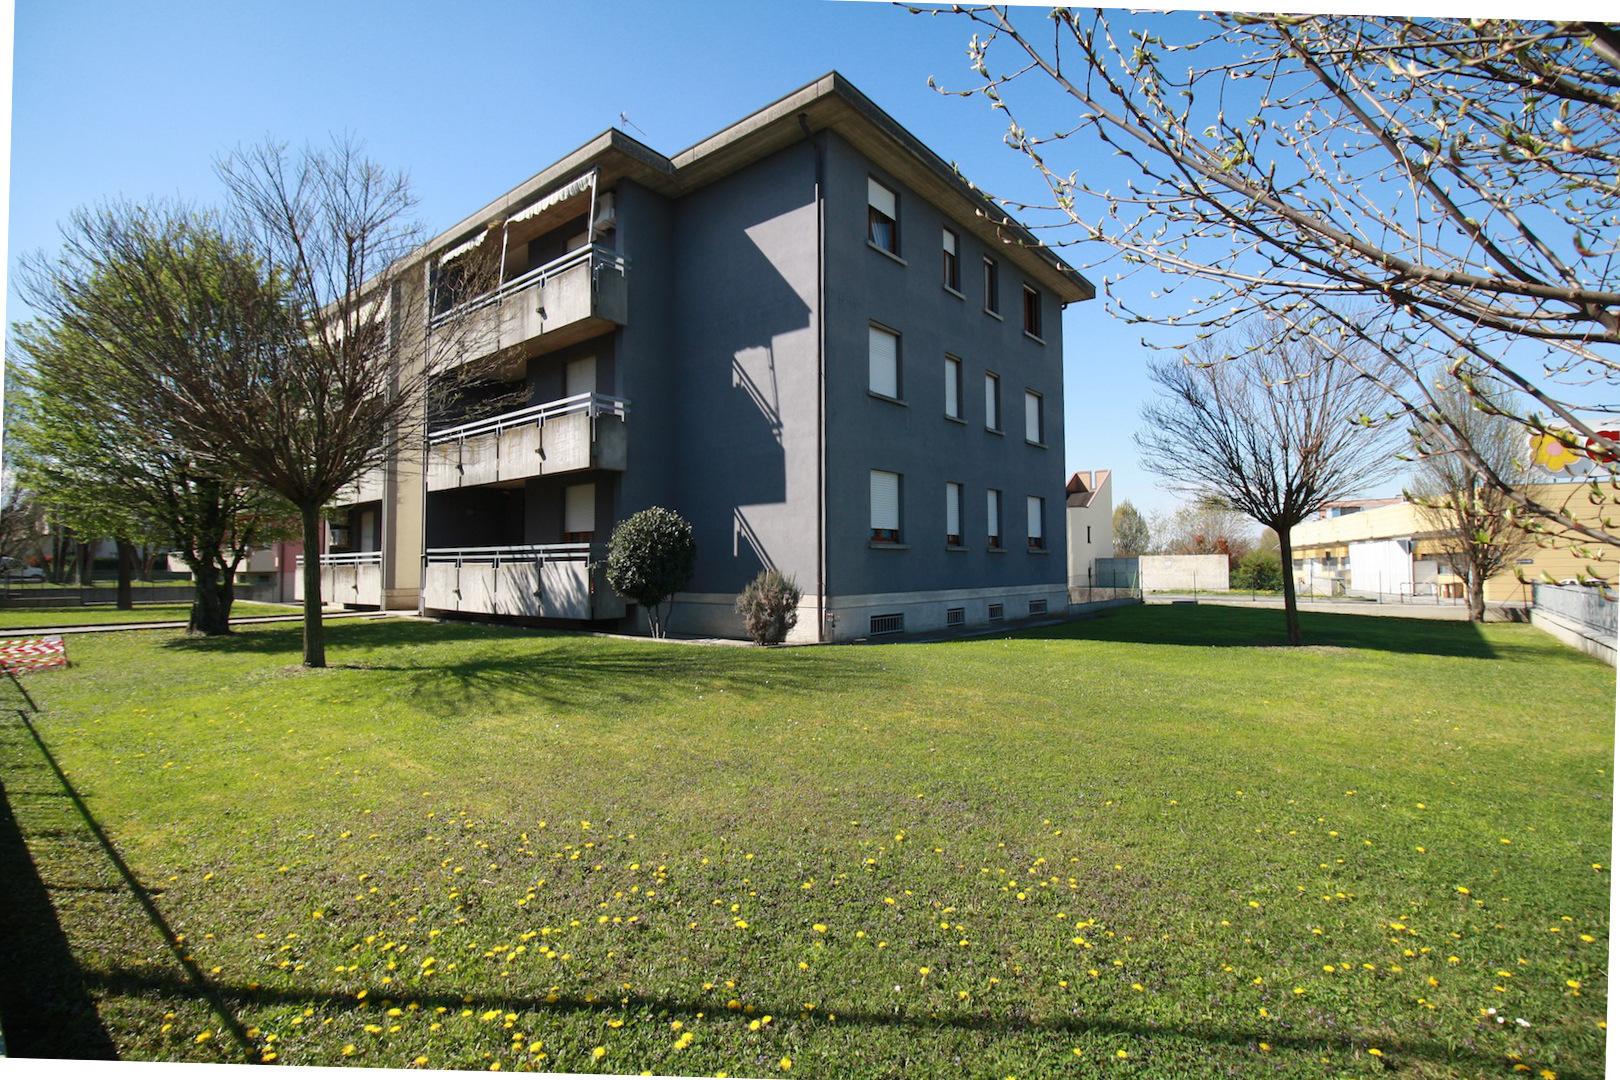 Appartamento in affitto a Gattatico, 3 locali, zona Località: TanetoFiesso, prezzo € 115.000 | CambioCasa.it